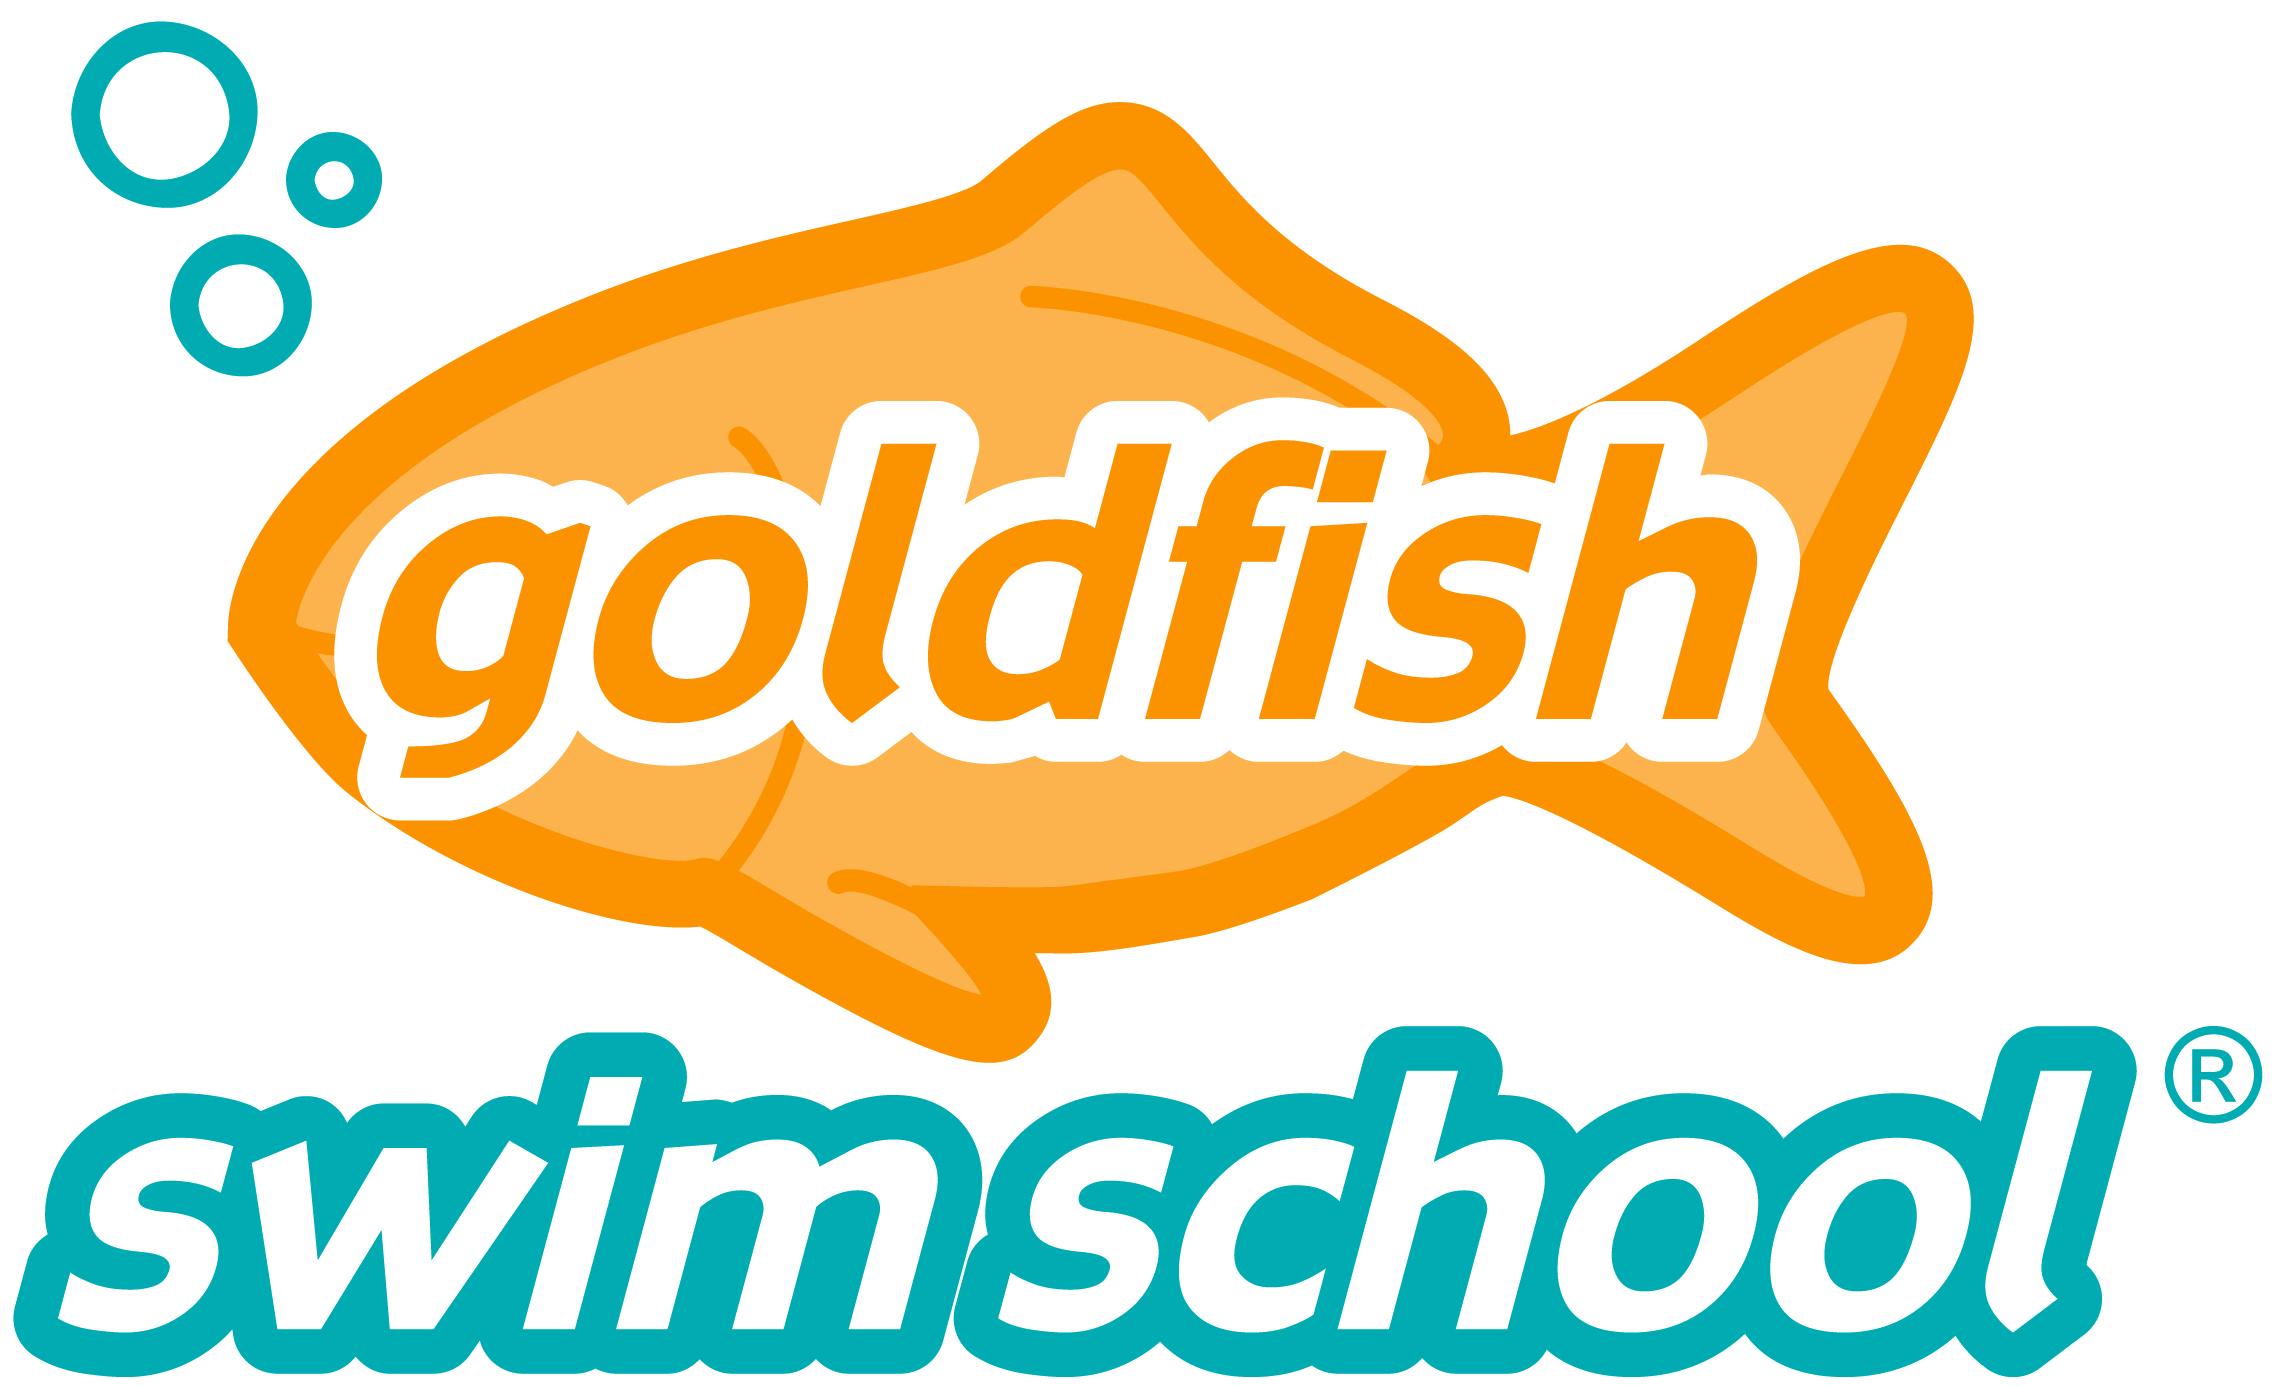 GoldfishLogo.jpg